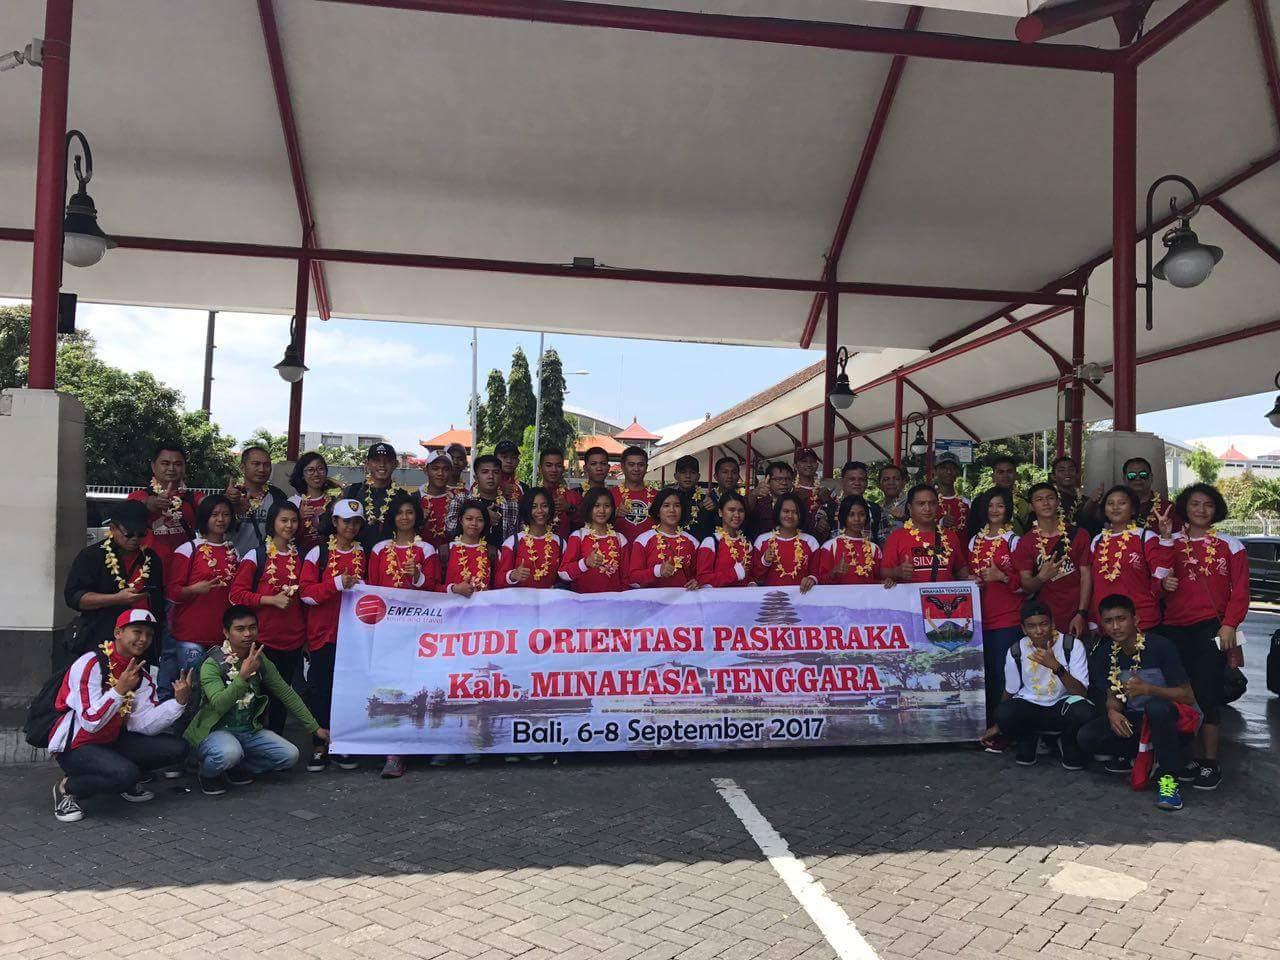 Jalankan Tugas Negara,Paskibraka Mitra Dapat Bonus Studi Tour ke Bali